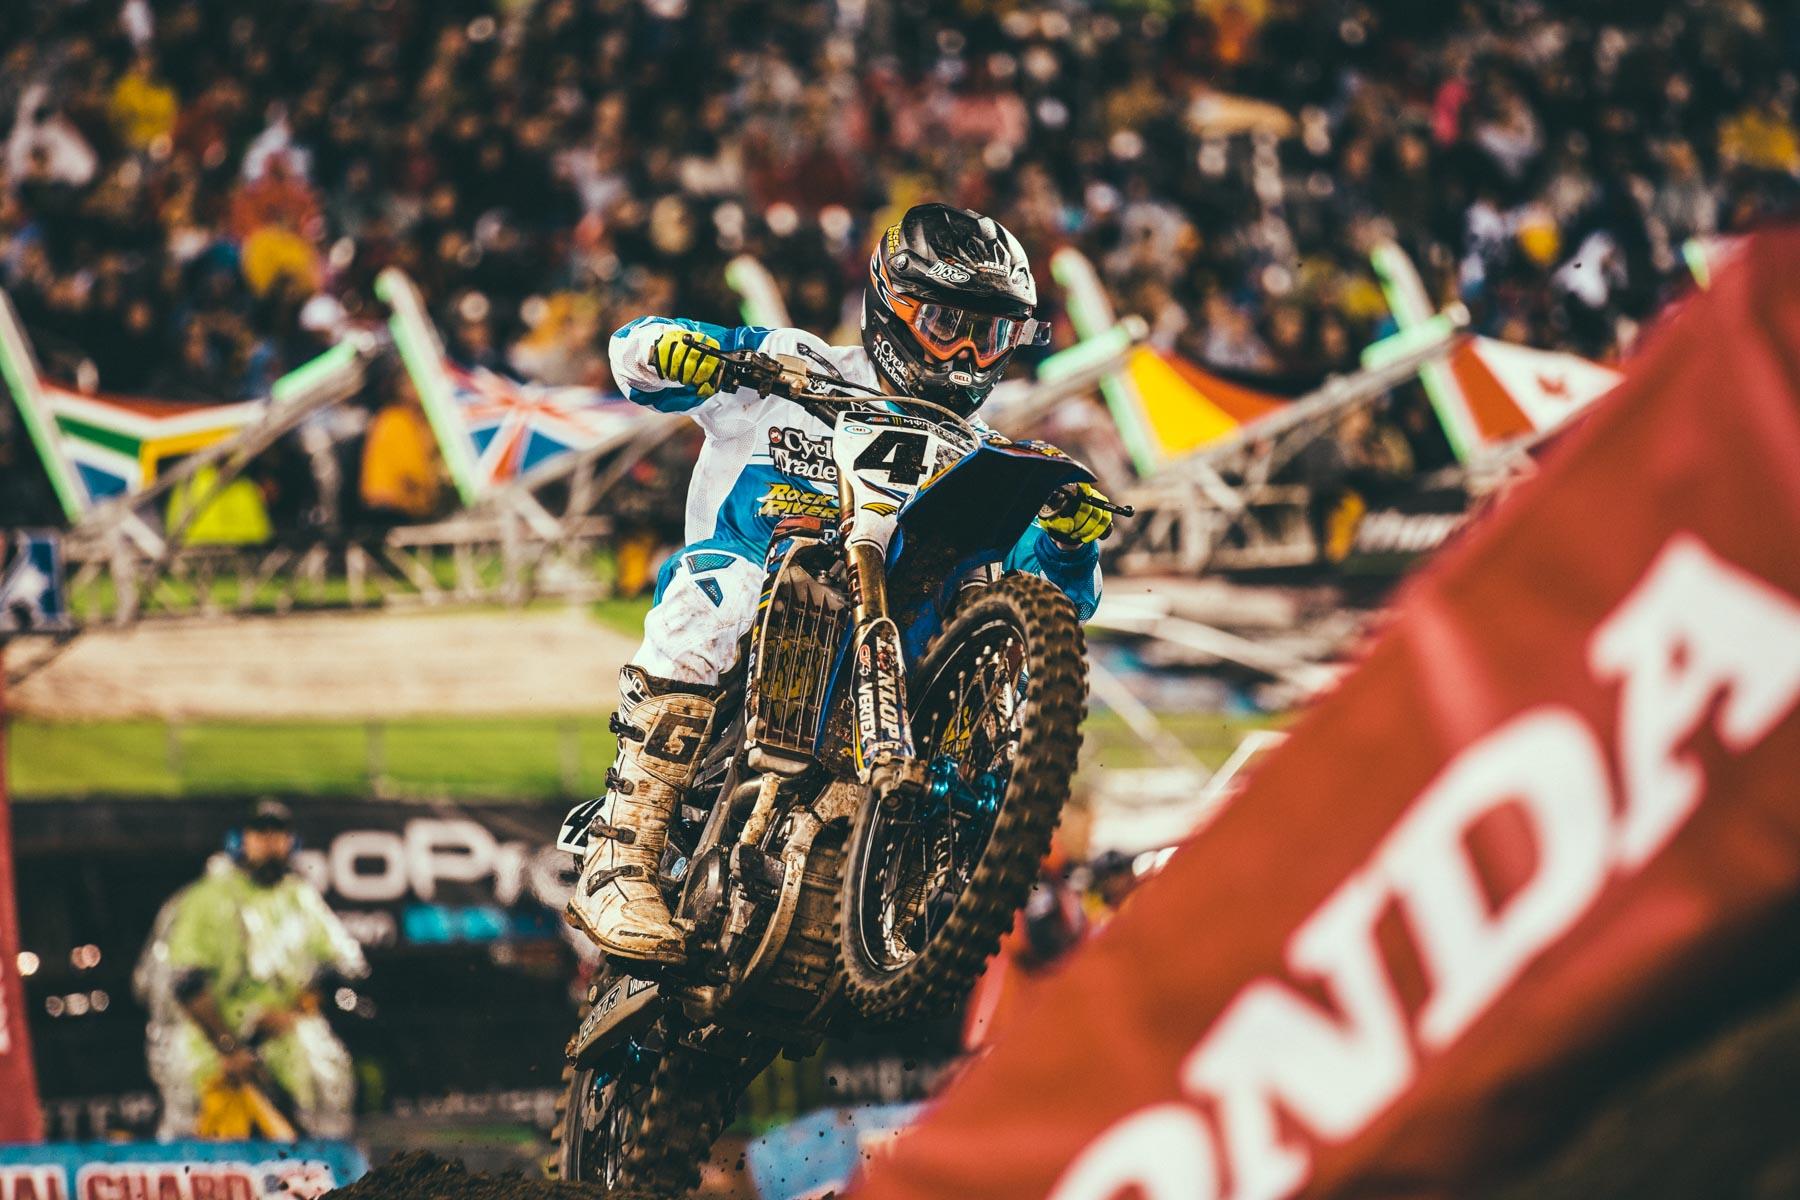 20140426-supercross-821.jpg